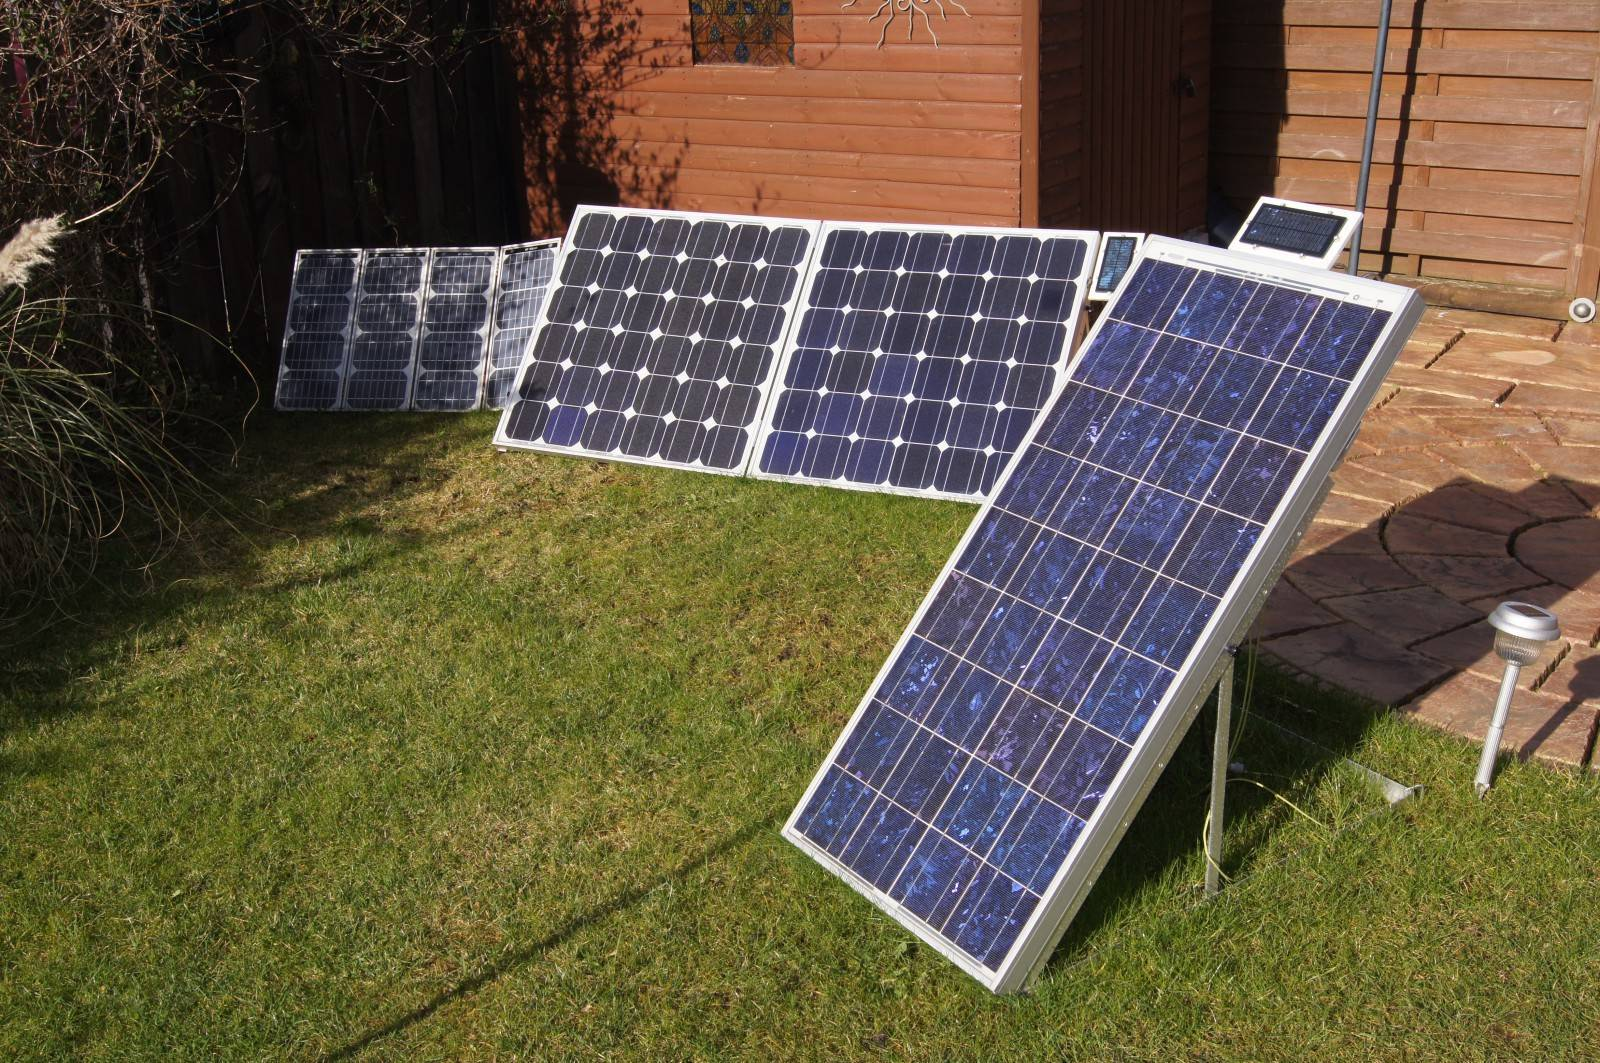 Как сделать солнечное отопление дома своими руками - особенности устройства системы, преимущества альтернативных коллекторов, подробное фото +видео